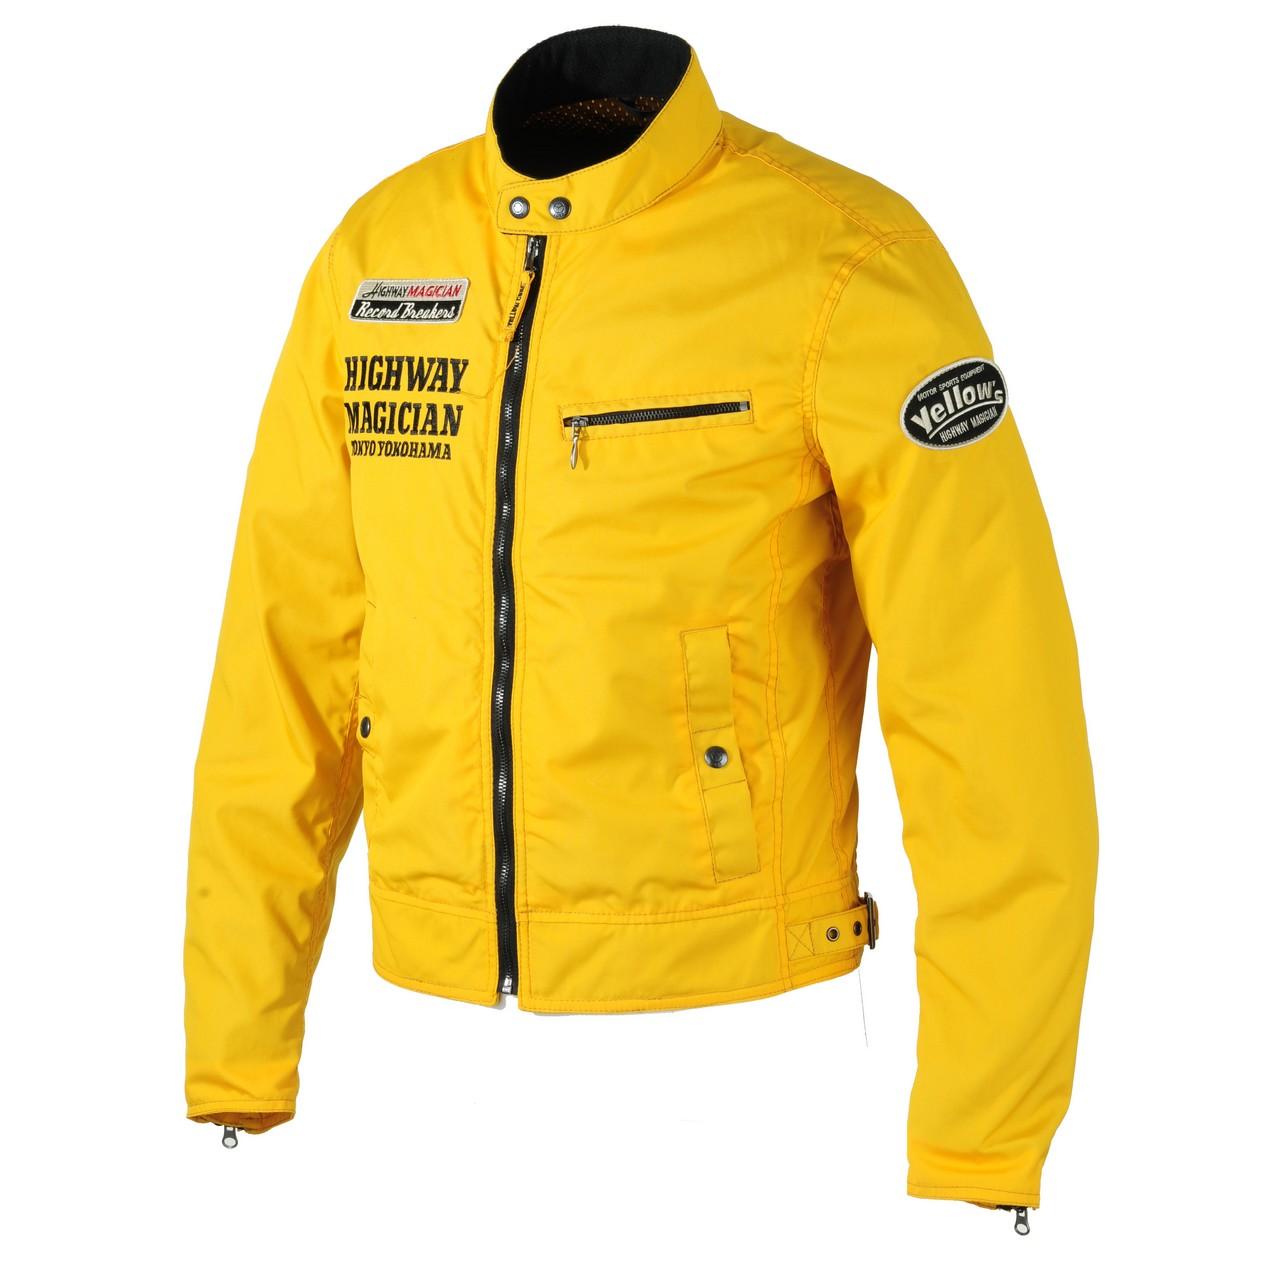 YB-7101 Textile Jacket